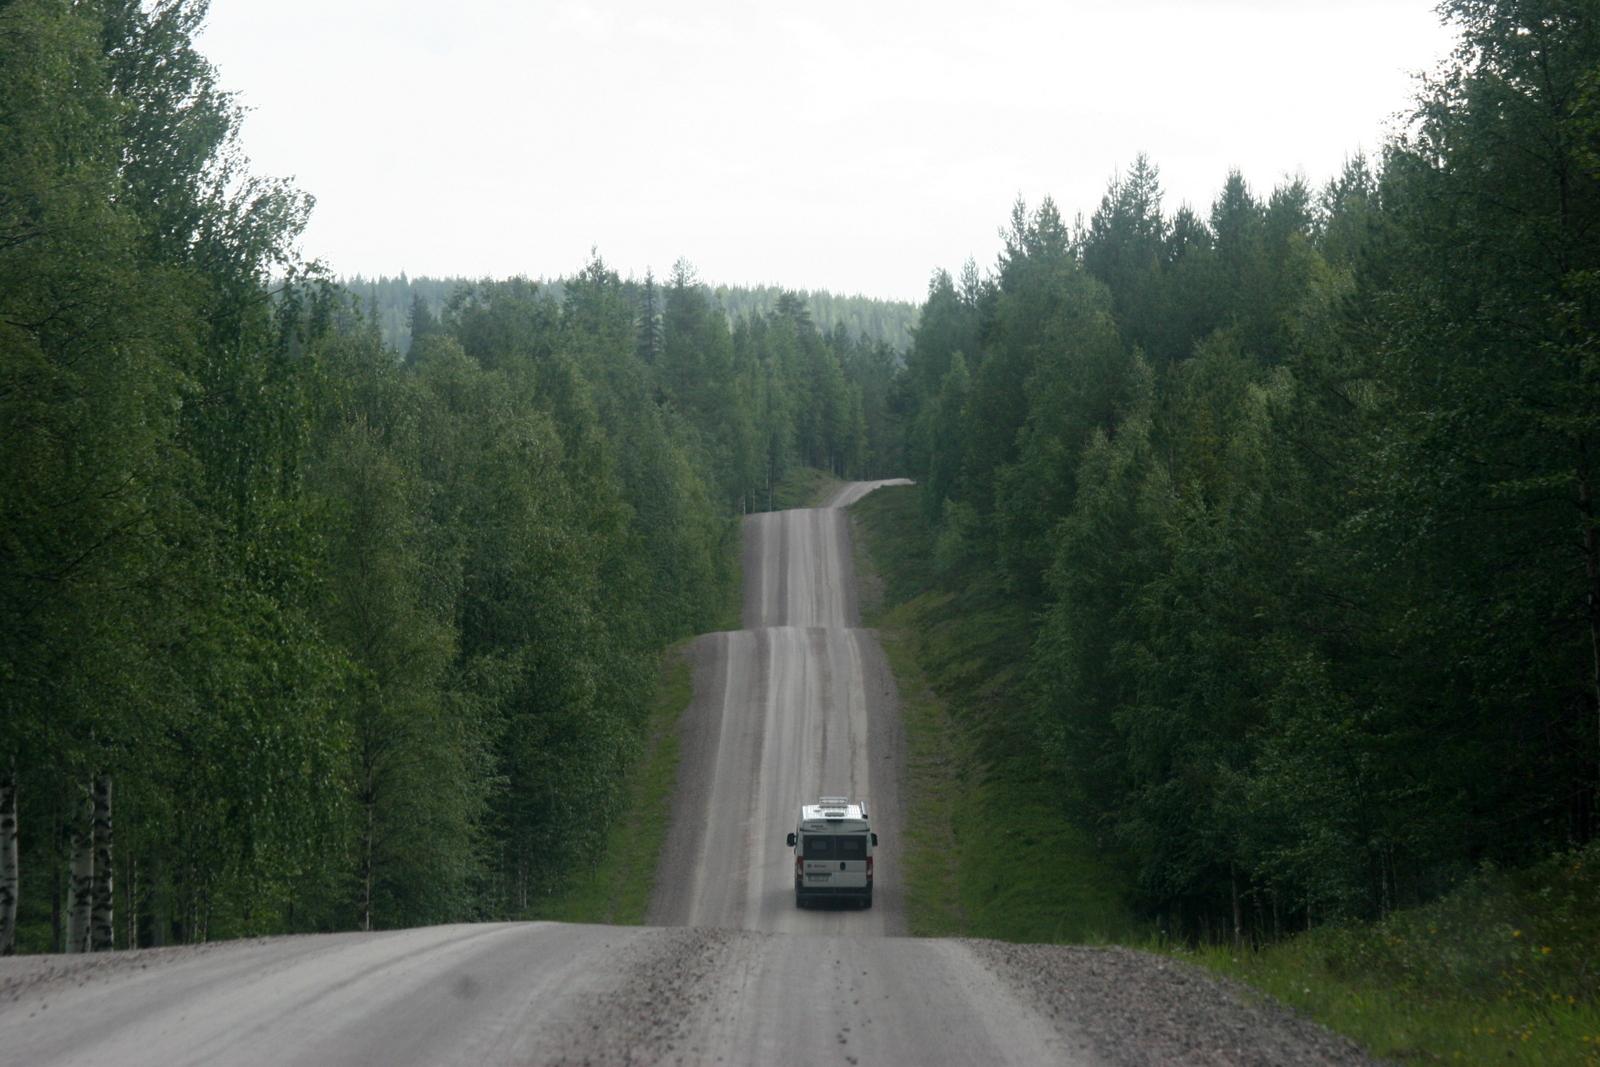 Oulangan kansallispuisto. Paluumatka Oulangan luontokeskukselta kulki tällaista vuoristorataa pitkin. Edellä ajaneet autot vuorotellen hävisivät ja ilmestyivät mäkien takaa.